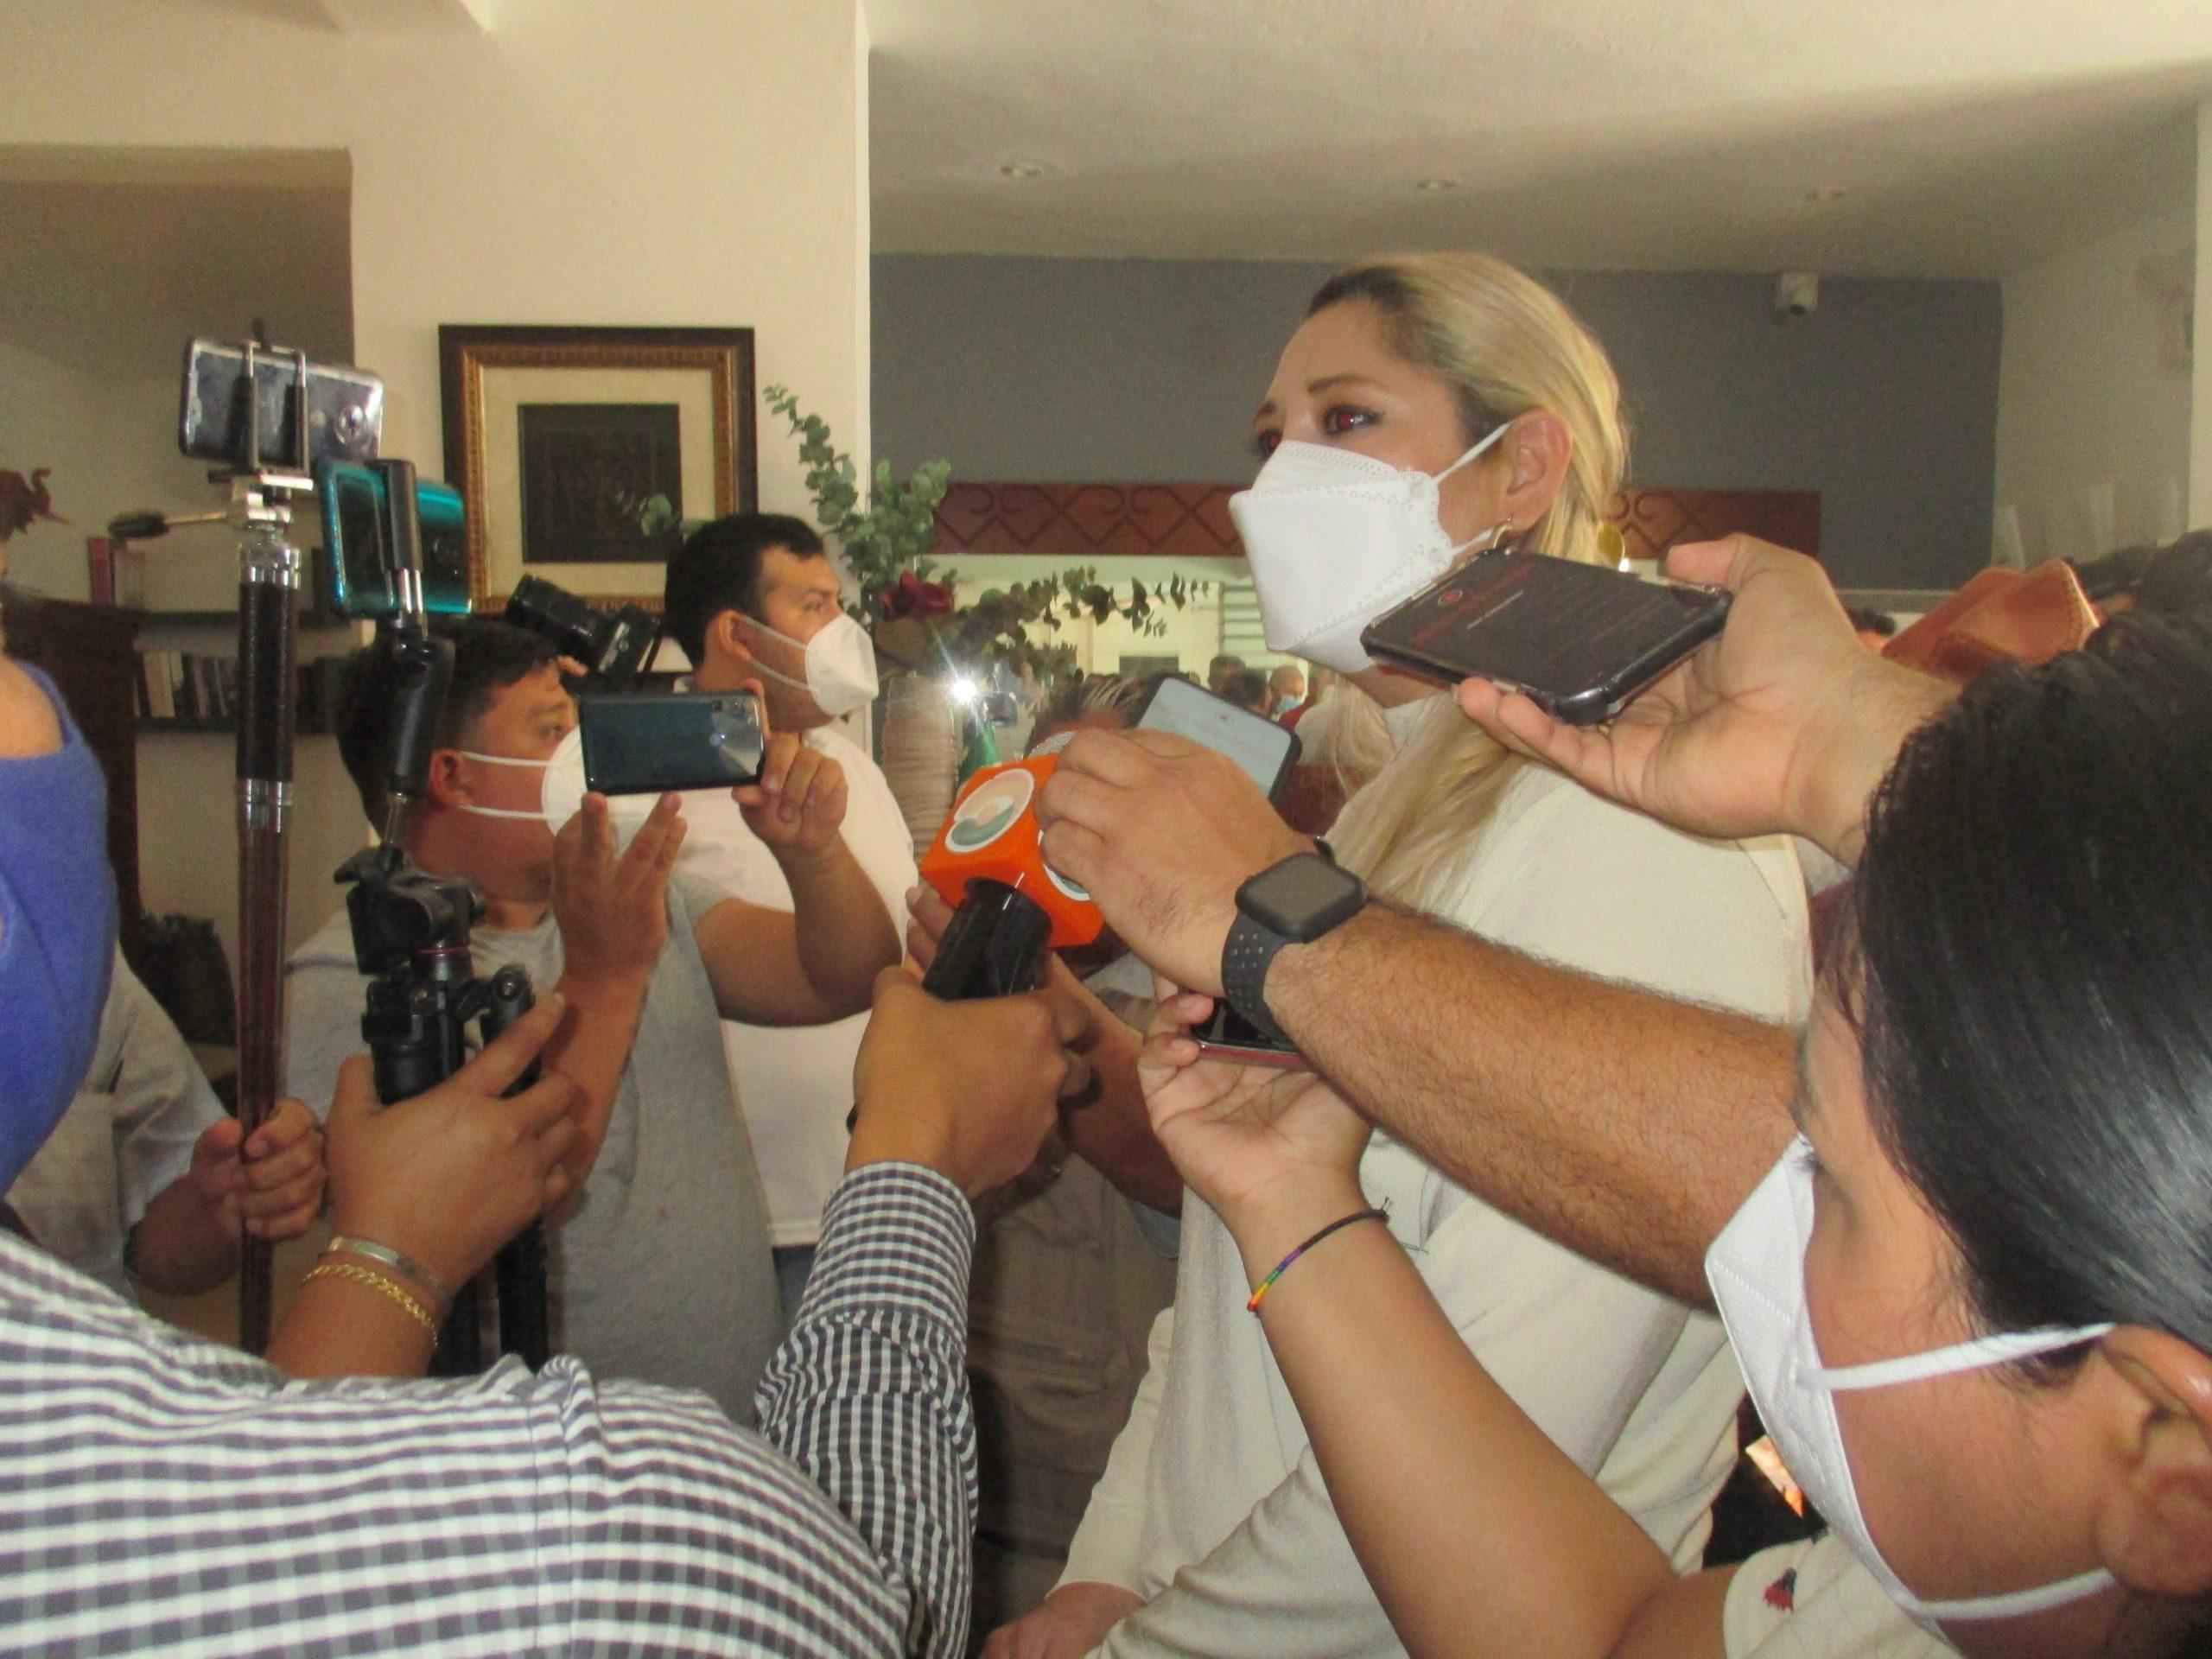 DIMES Y DIRETES: LA SENADORA VERONICA CAMINO SE DESCARTA PARA LA ALCALDÍA, Y LA DIRECTIVA DE MORENA